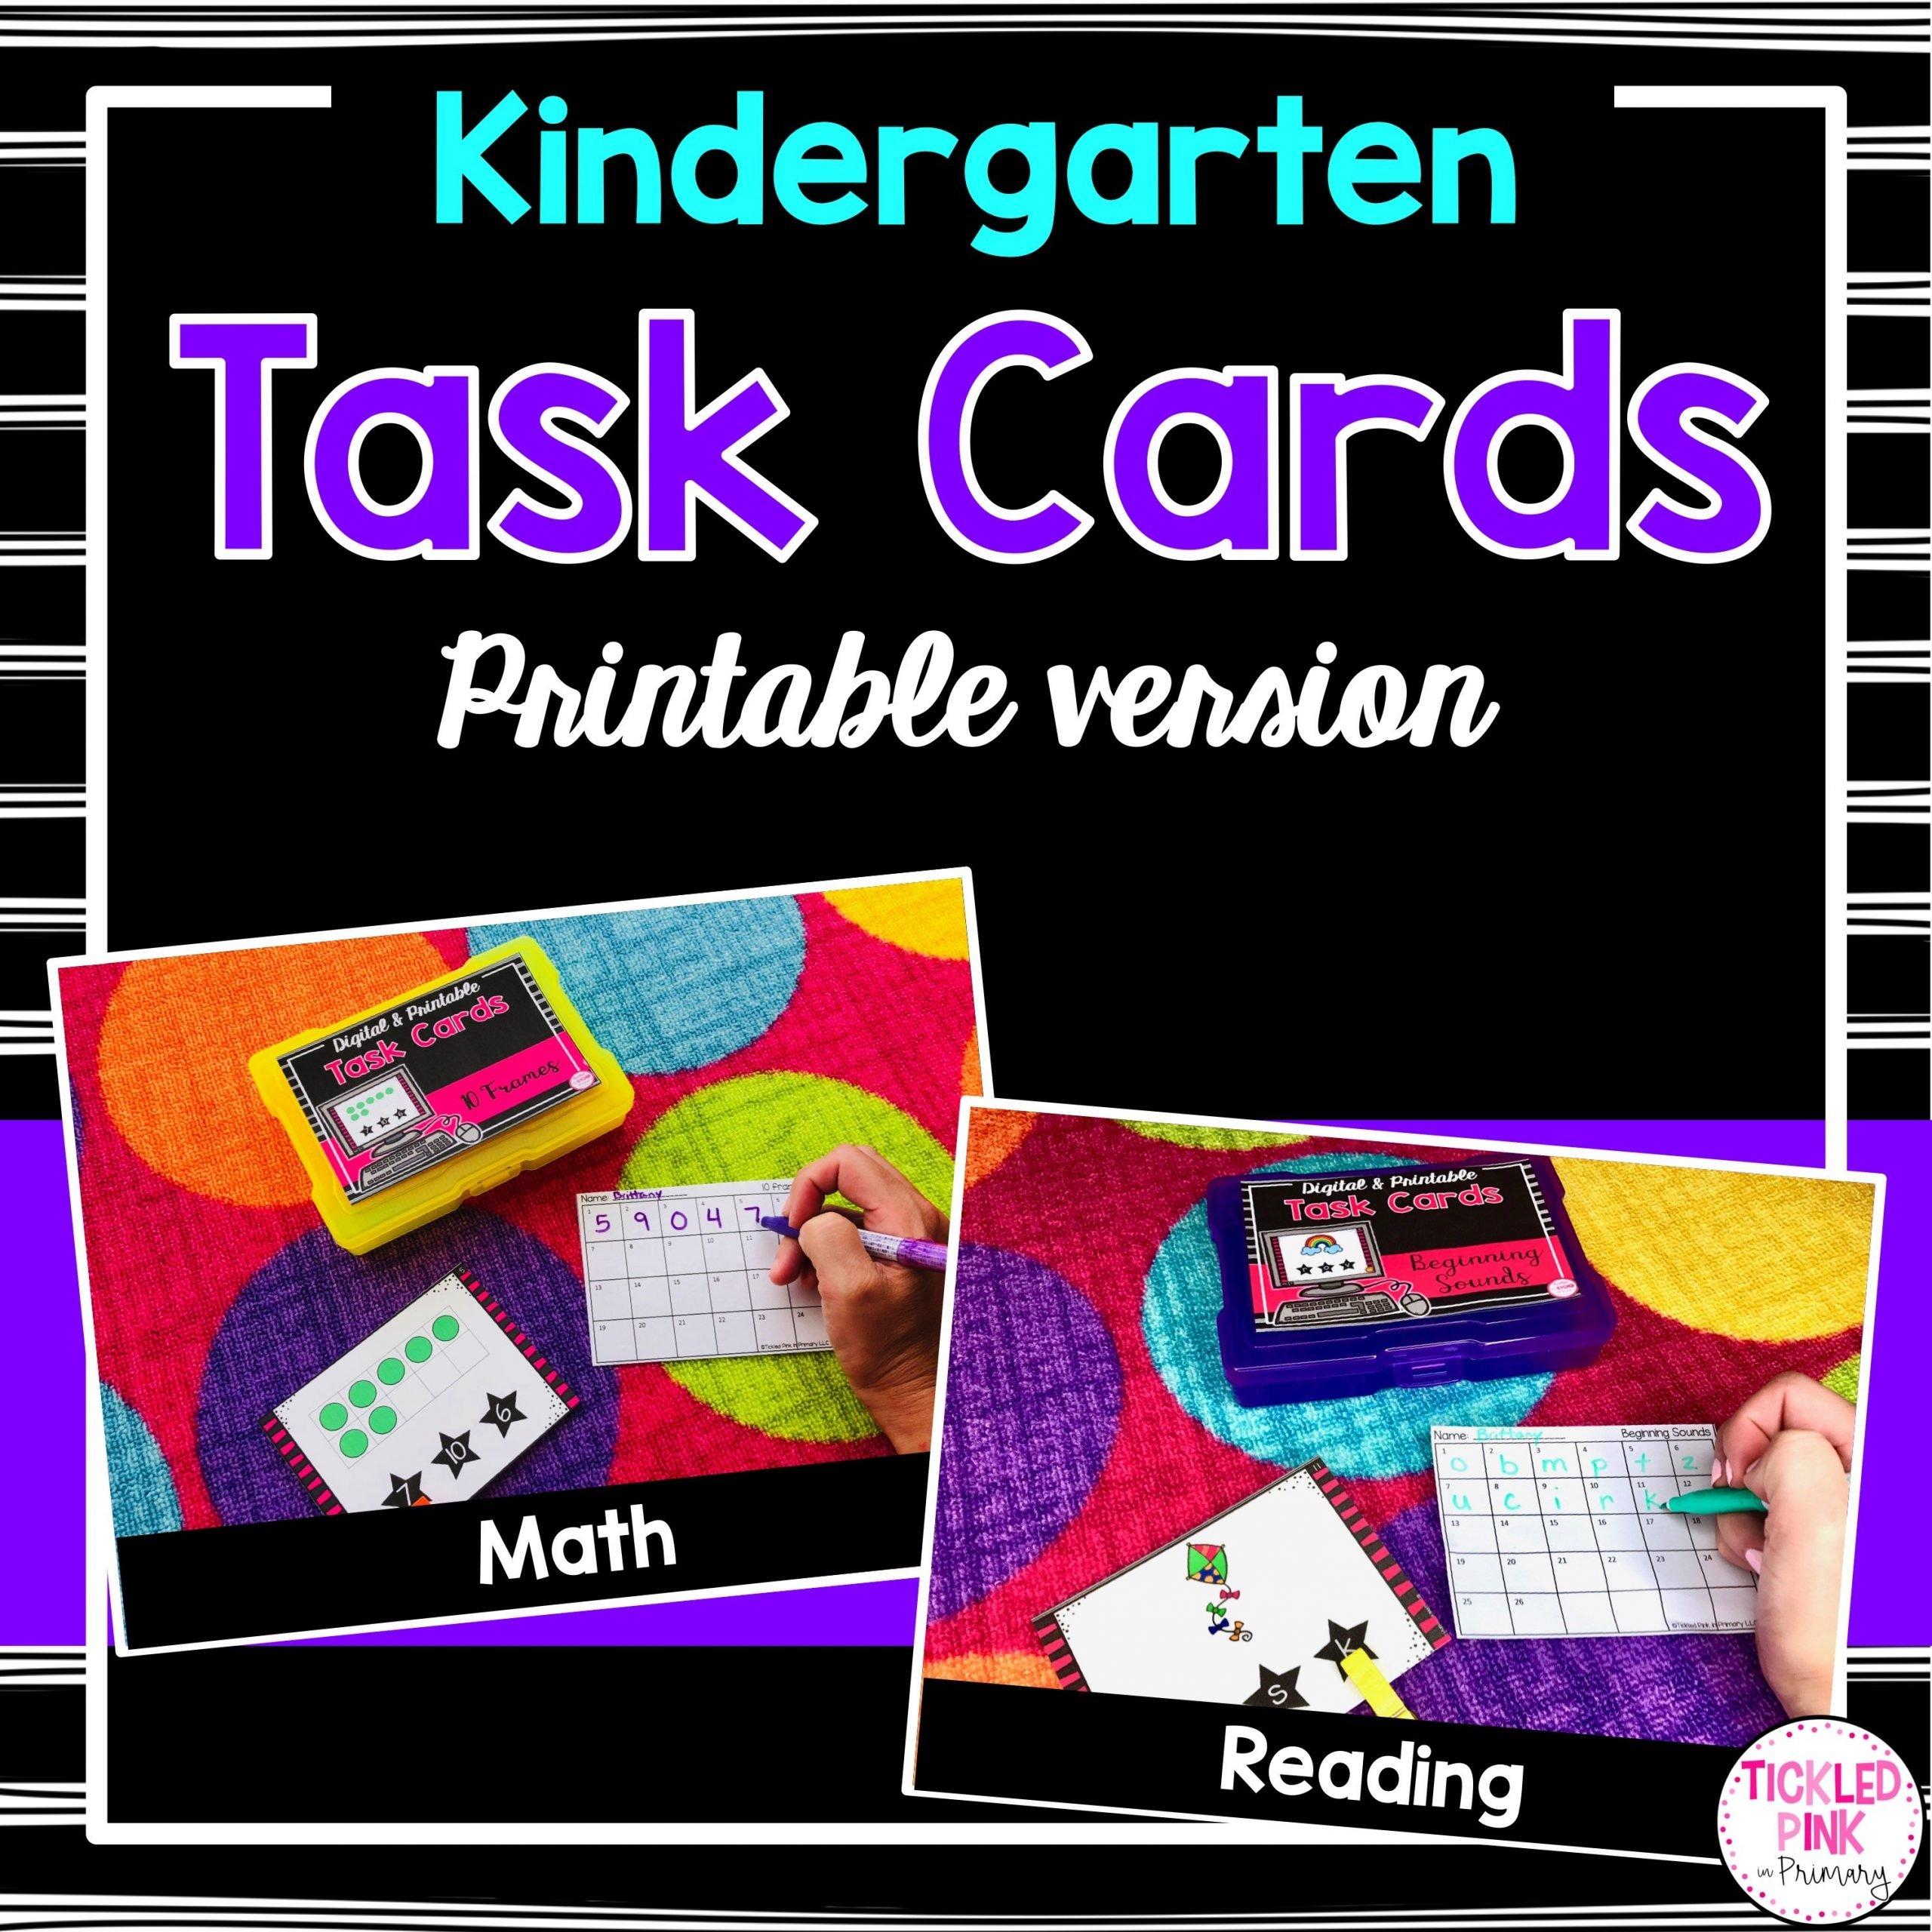 Kindergarten Task Cards Printable Version Tickled Pink